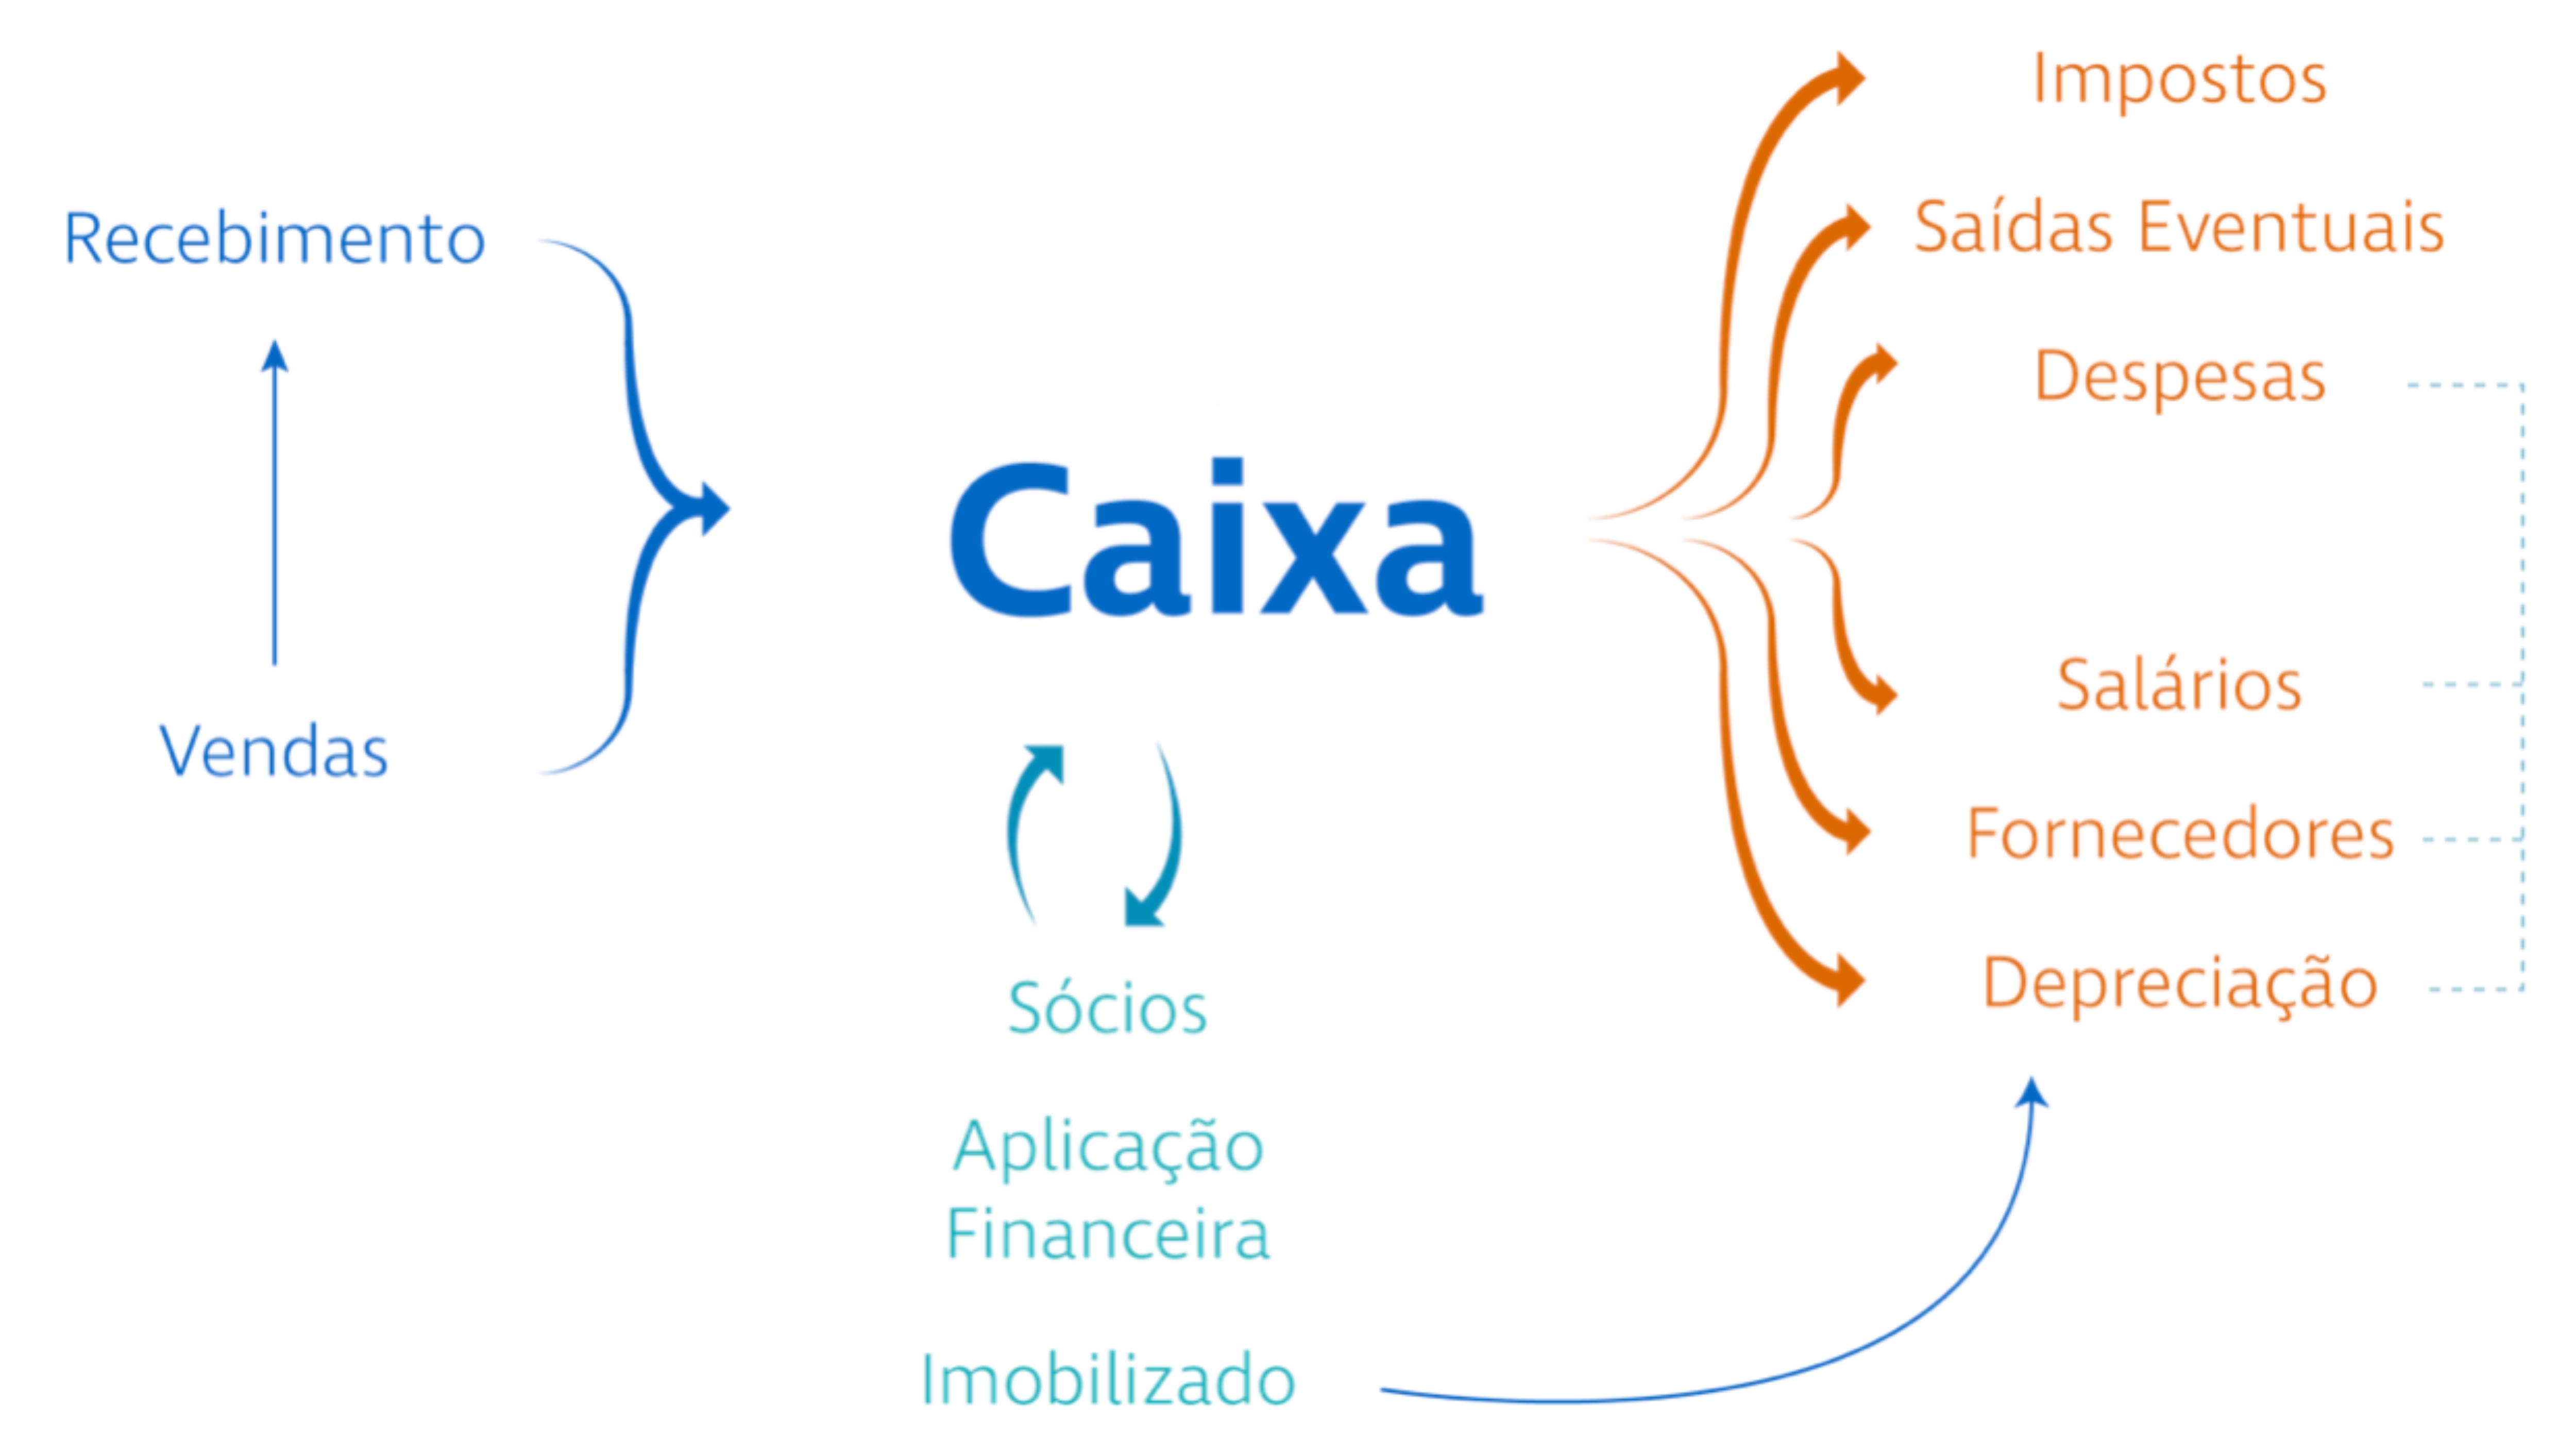 Figura 1. O movimento dos recursos na conta caixa de uma empresa.